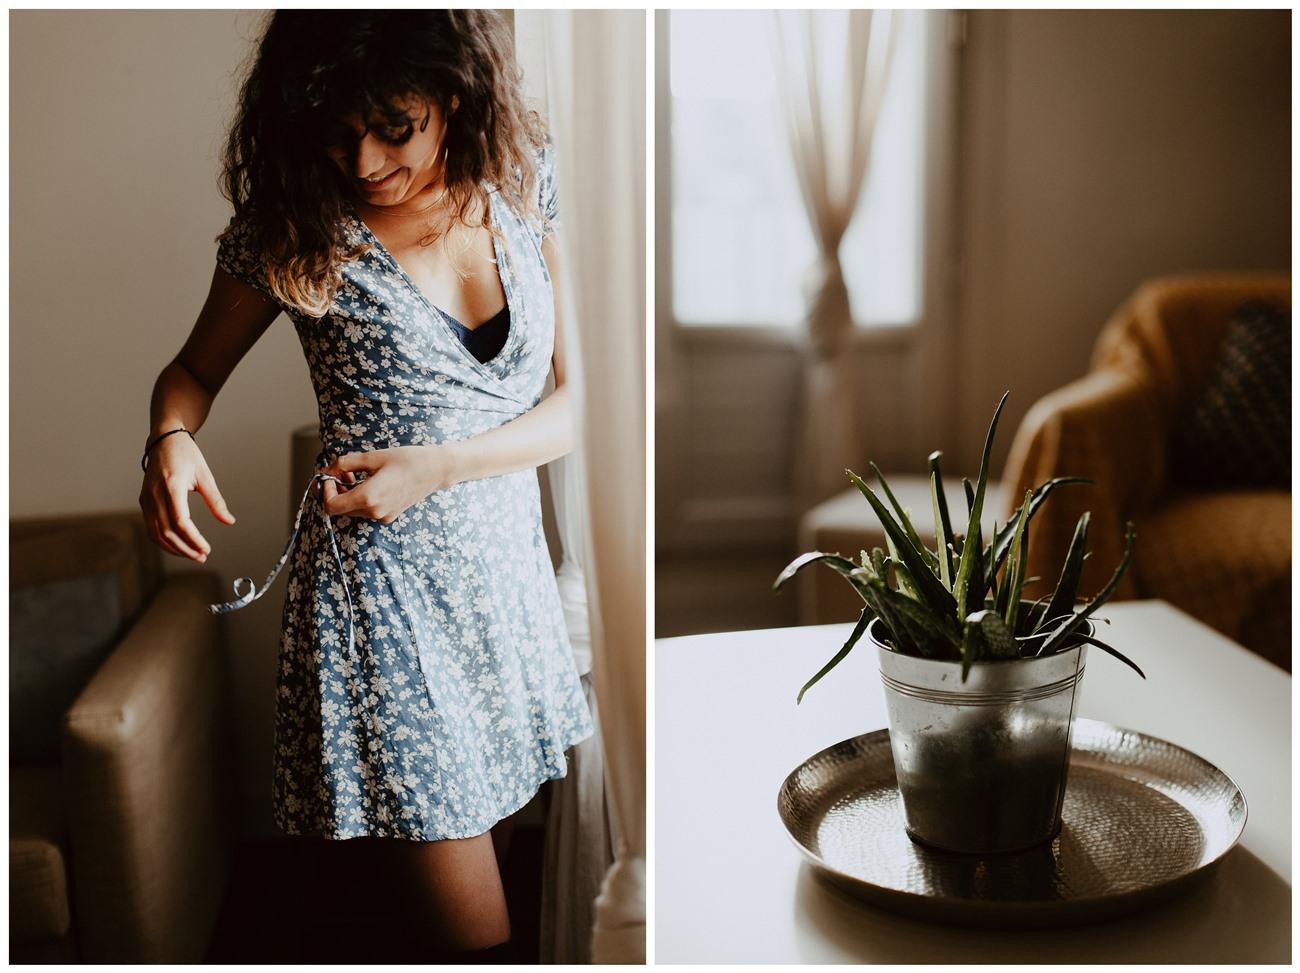 séance portrait intimiste intérieur femme mouvement robe plante